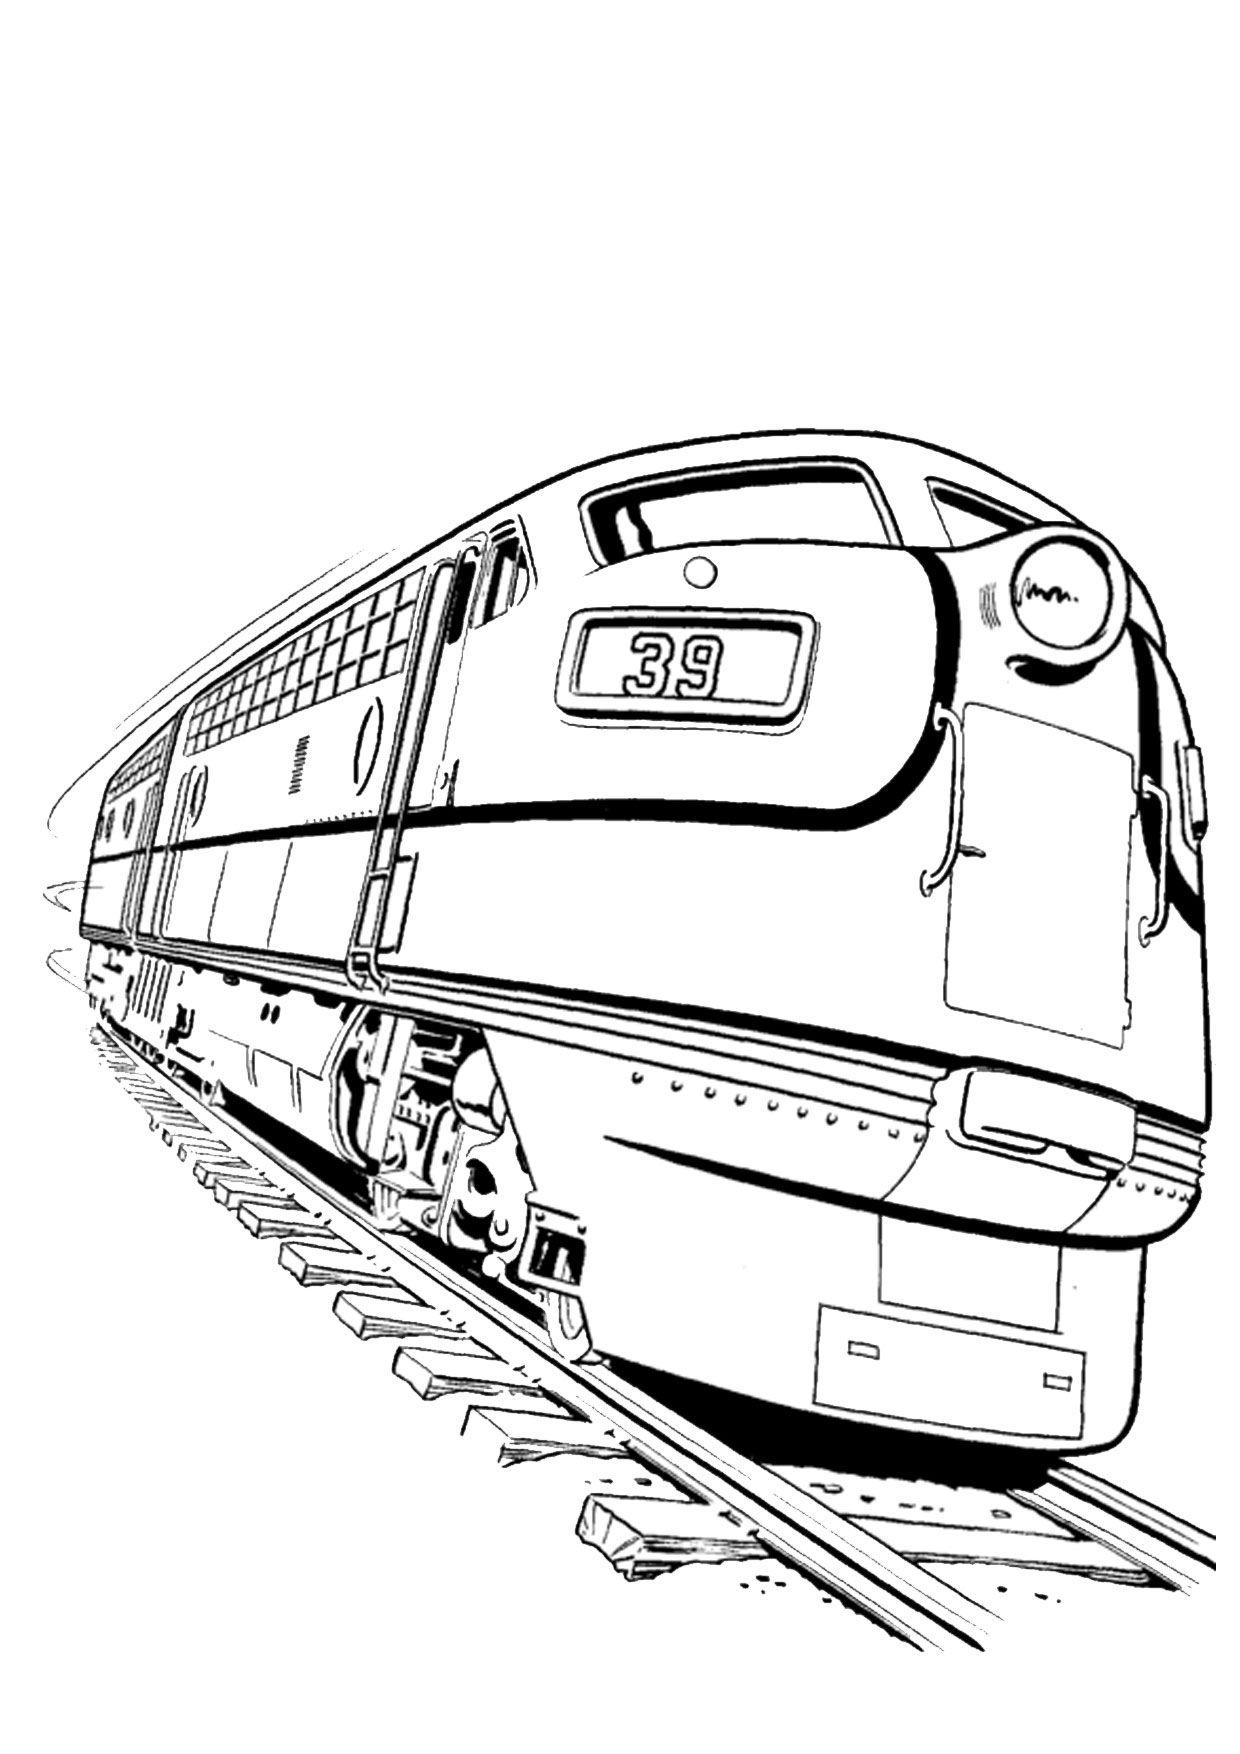 45 Disegni Di Treni Da Colorare Disegni Colori Treno